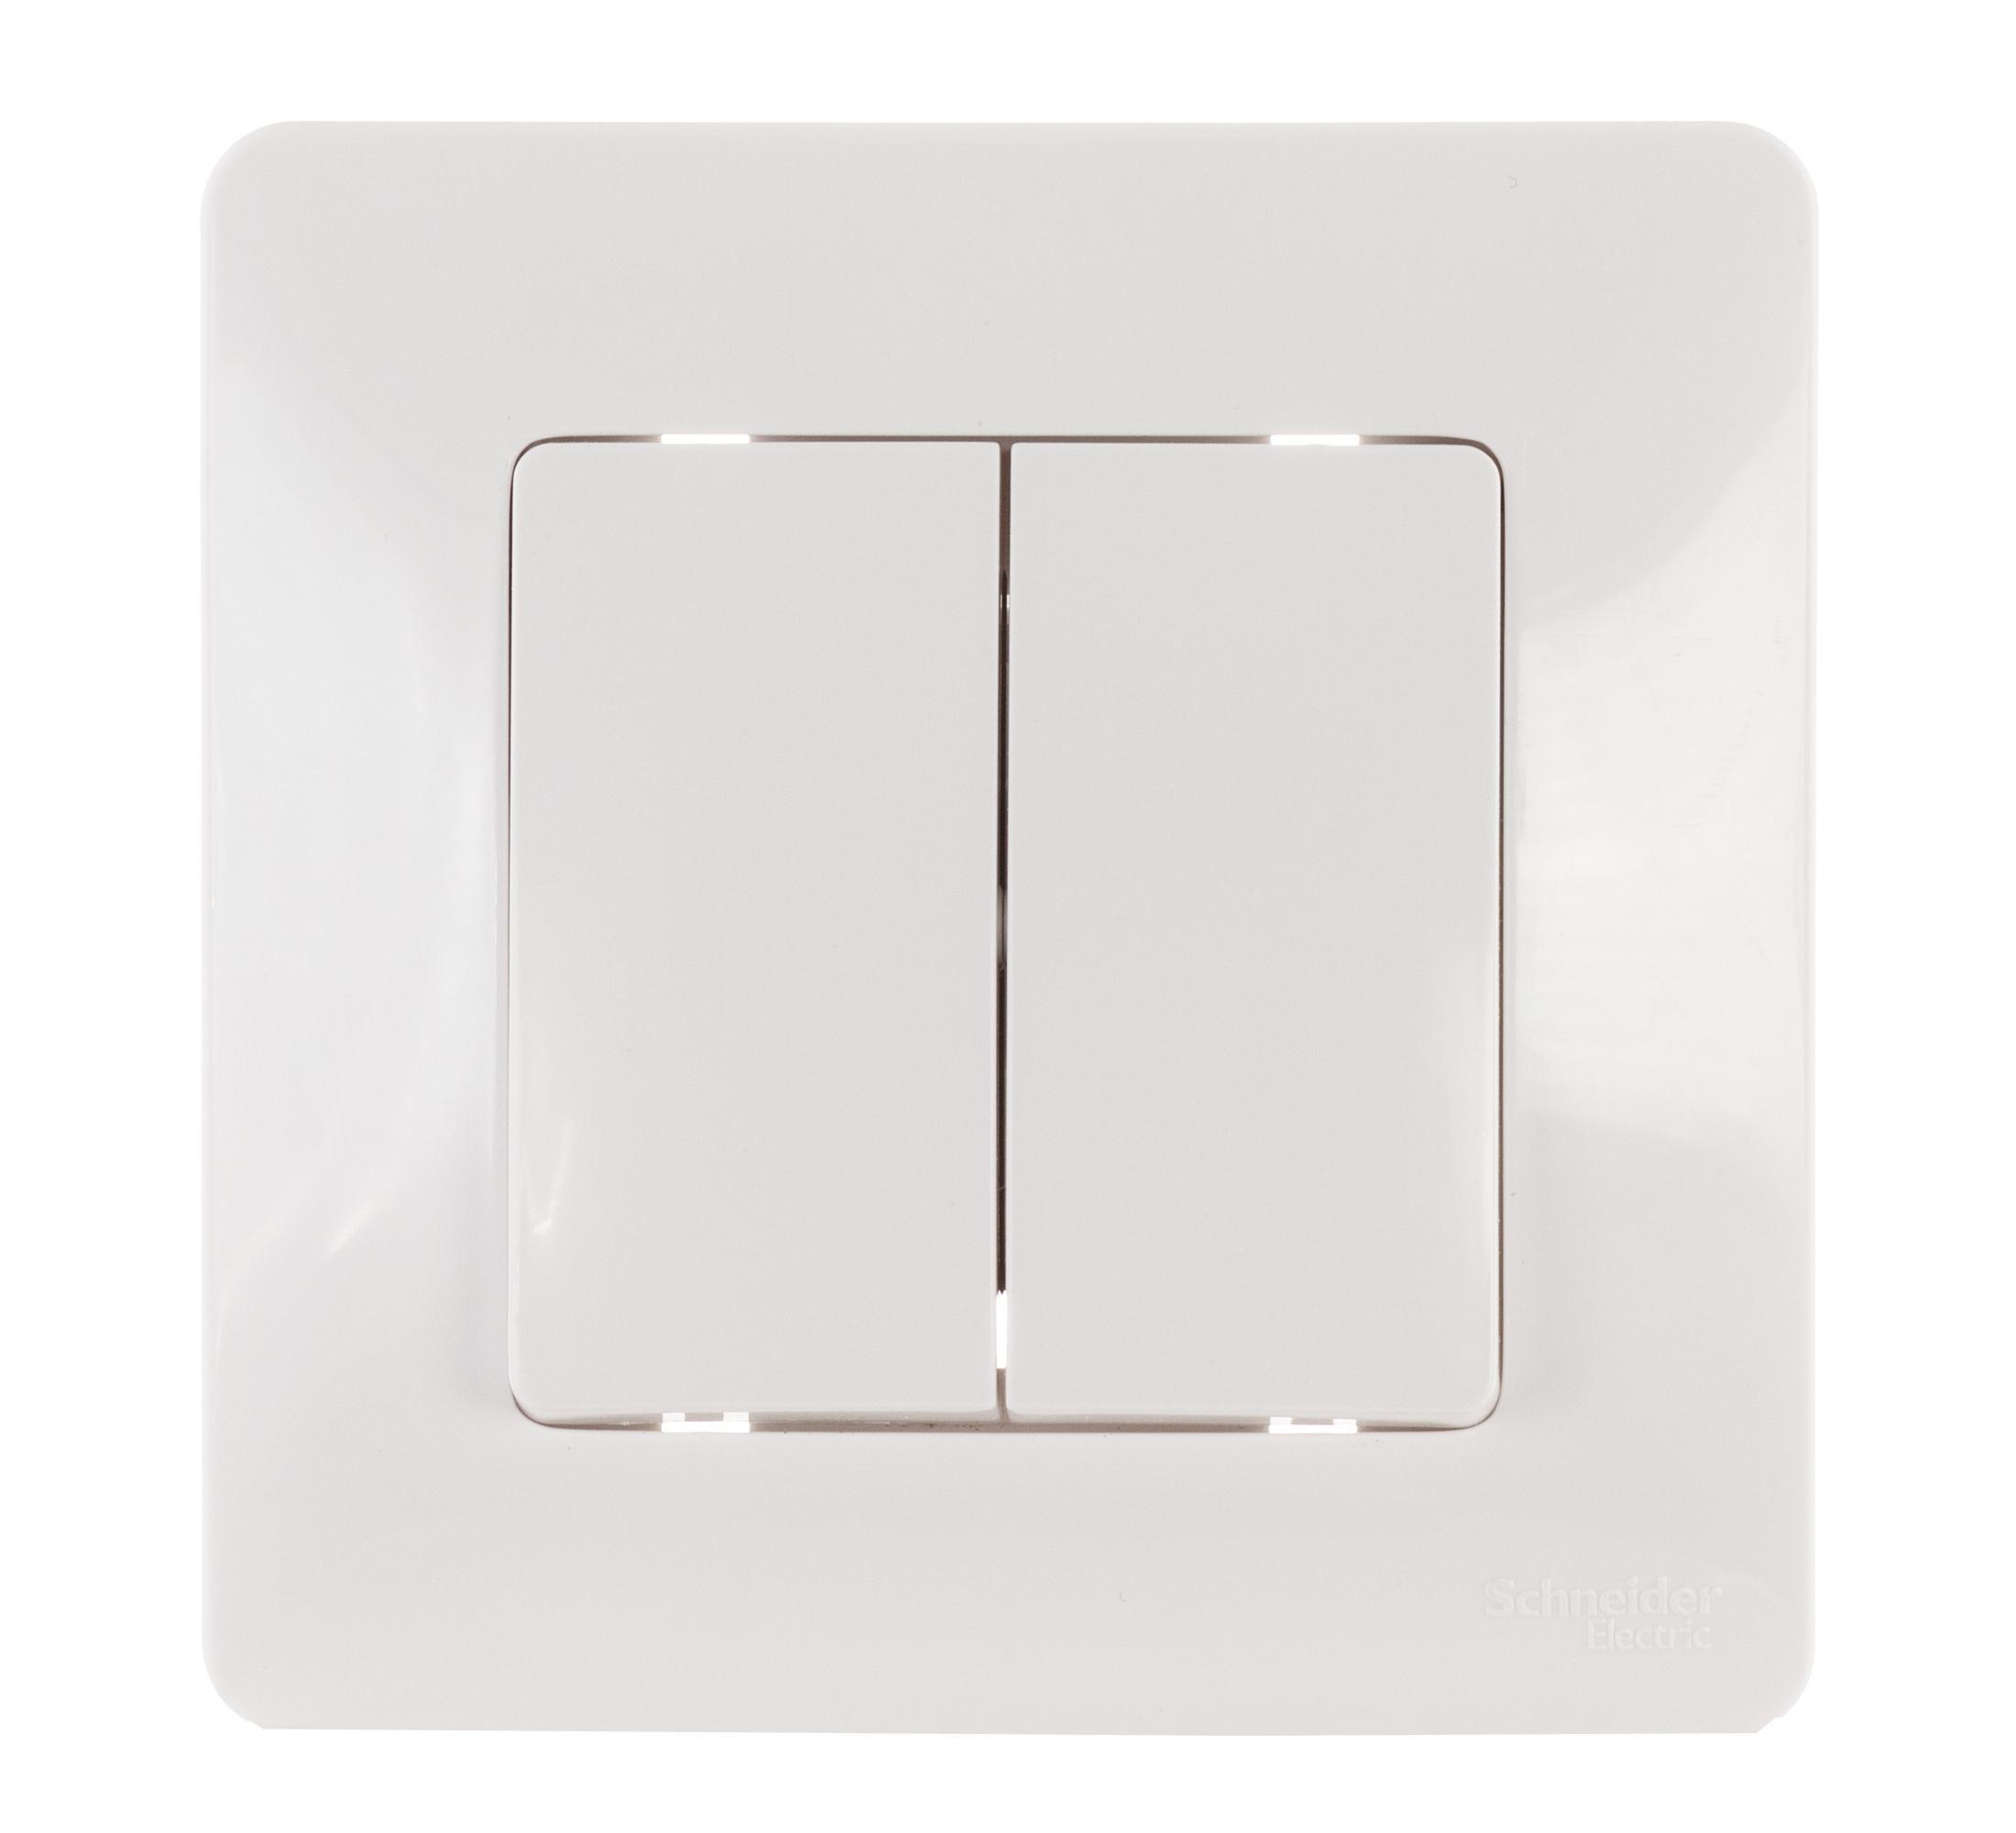 Выключатель Schneider electric Blnvs010501 blanca выключатель schneider electric blnva101013 blanca